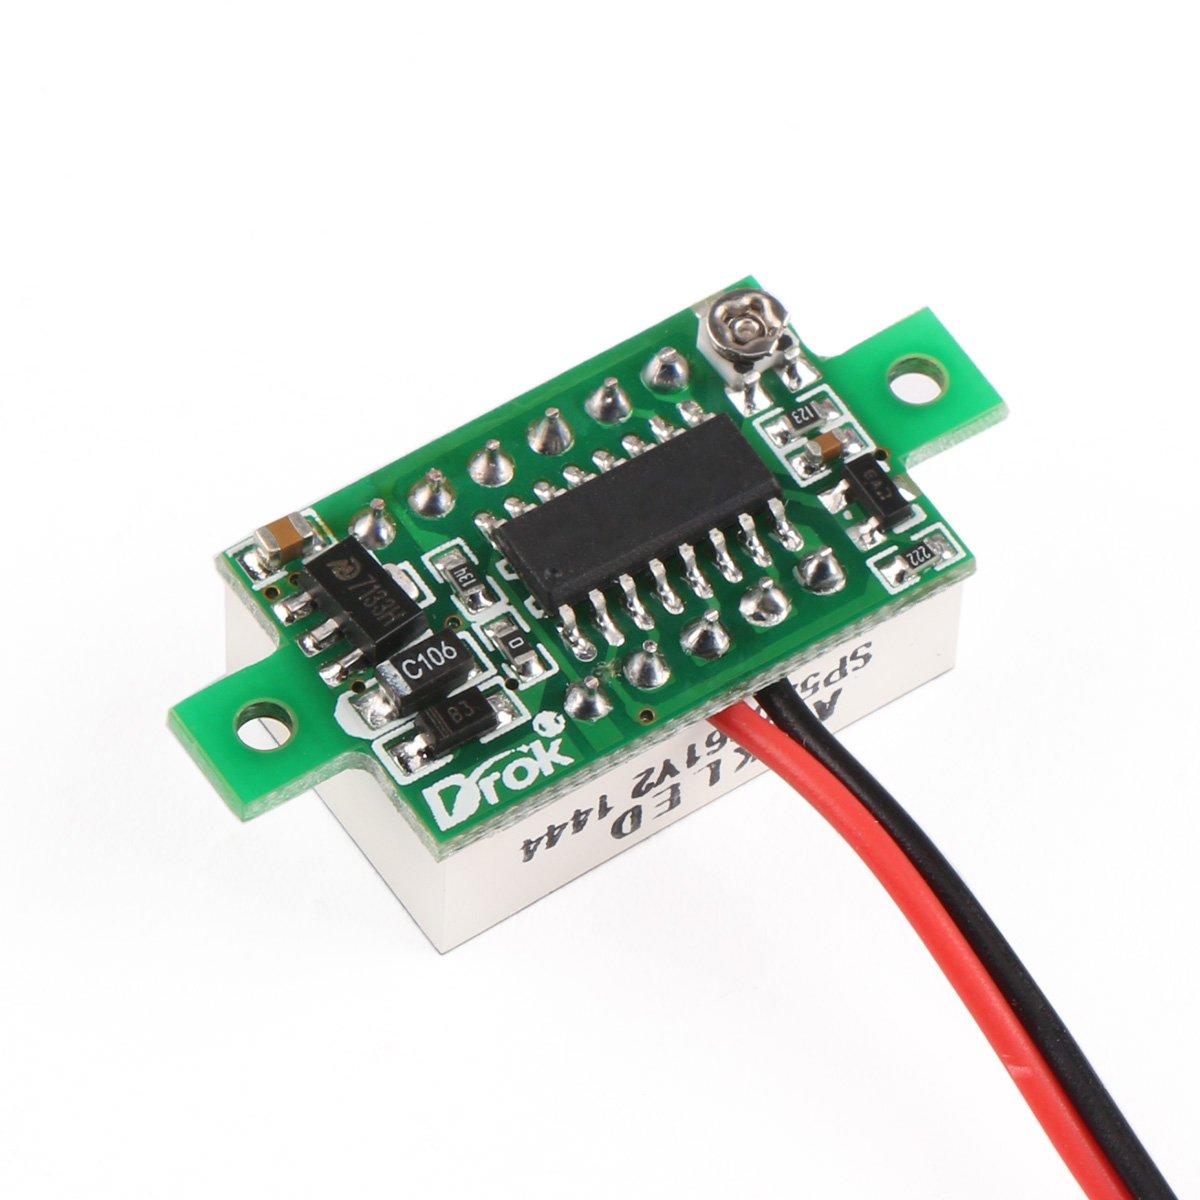 Drok Small Digital Dc Volt Panel Electronics Voltmeter Cr7 Green Car Battery Monitor Voltage Tester 12 24v 036 330v Blue Led 2 Wires Home Improvement